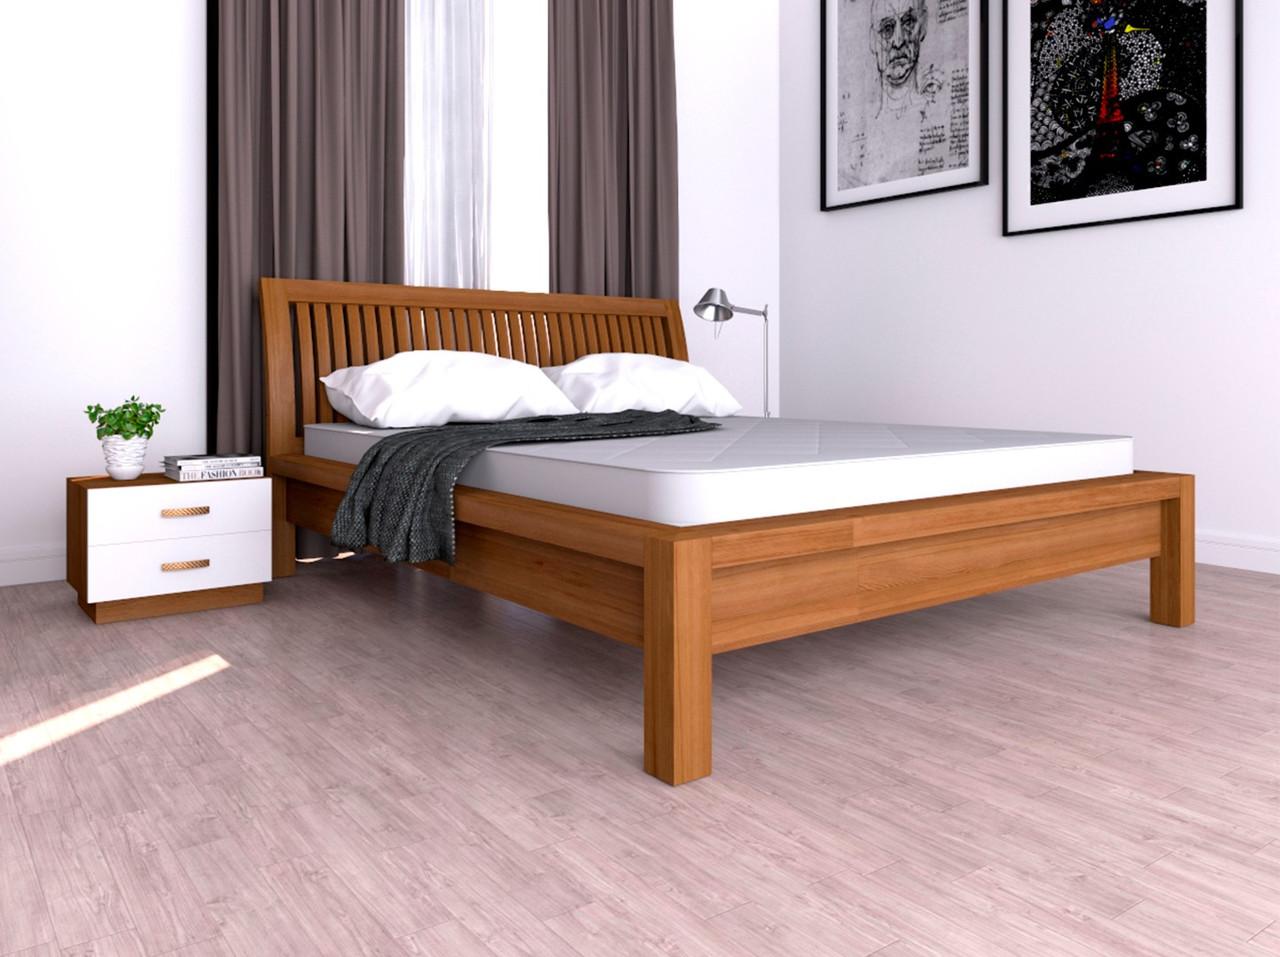 Деревянная подъемная кровать Юнона ТМ ТИС